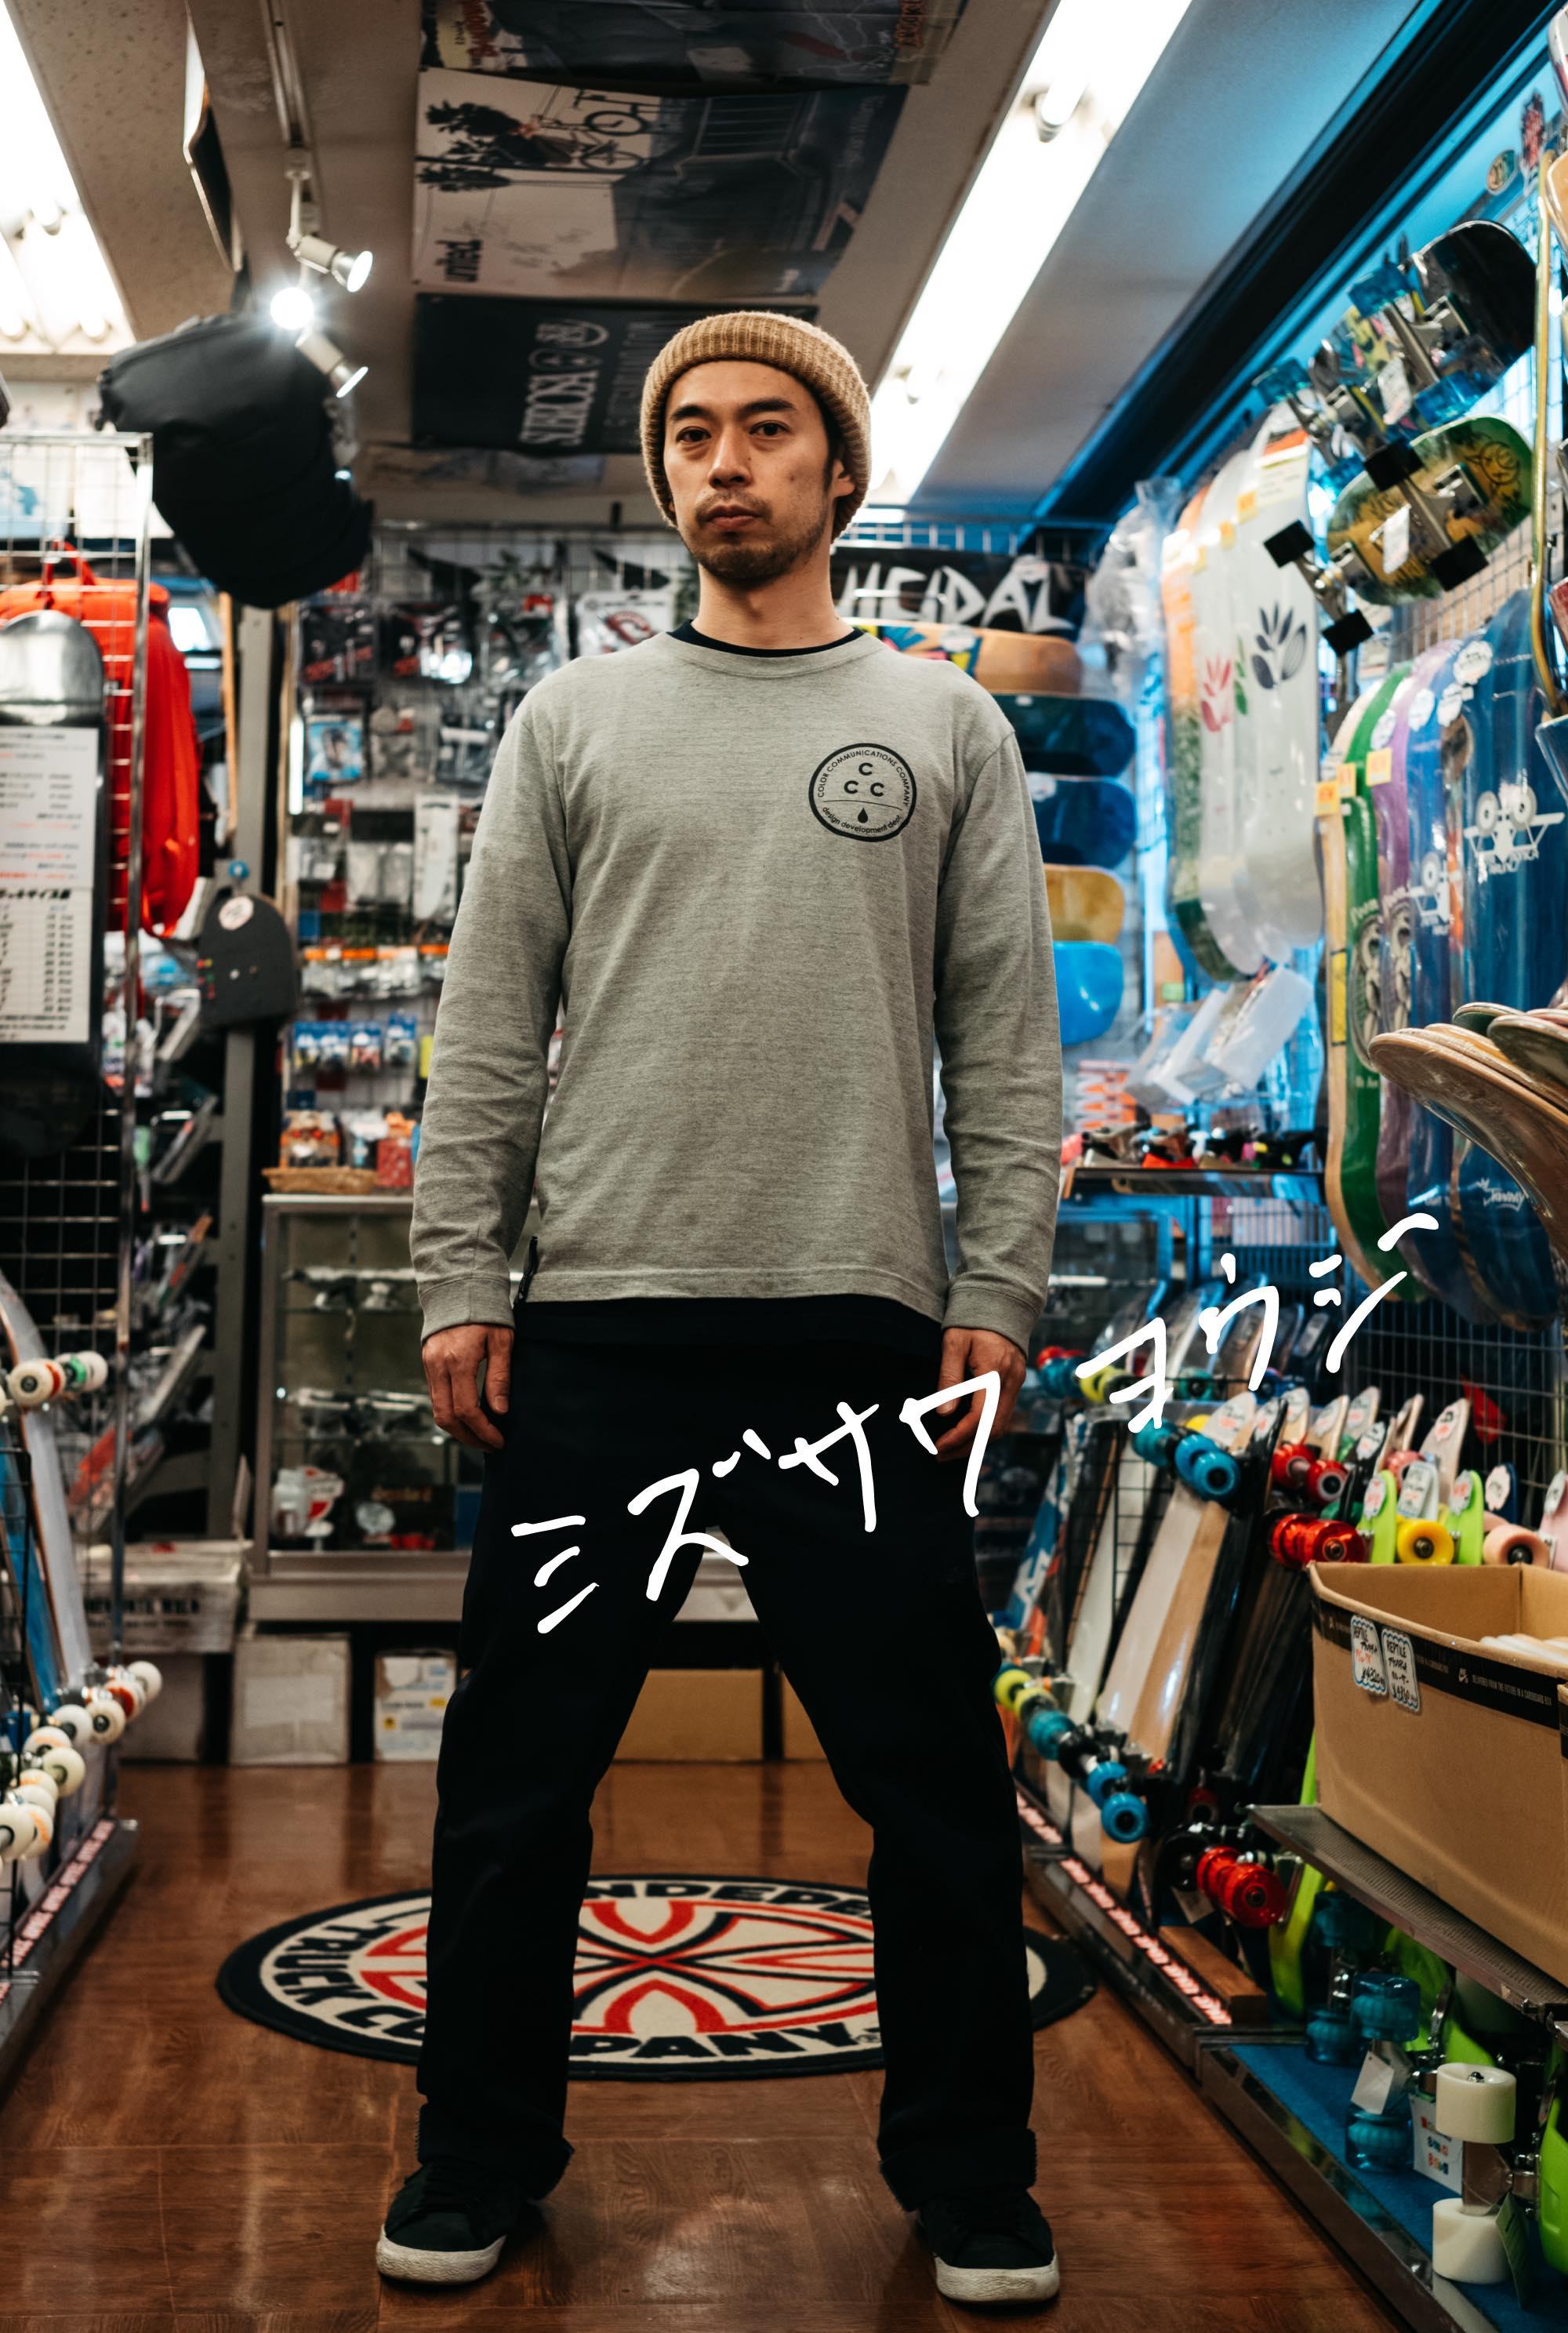 20年以上前のビデオカメラでスケボーを撮る。渋谷でスケートショップを営むヨウジさんの持ち物|things.019